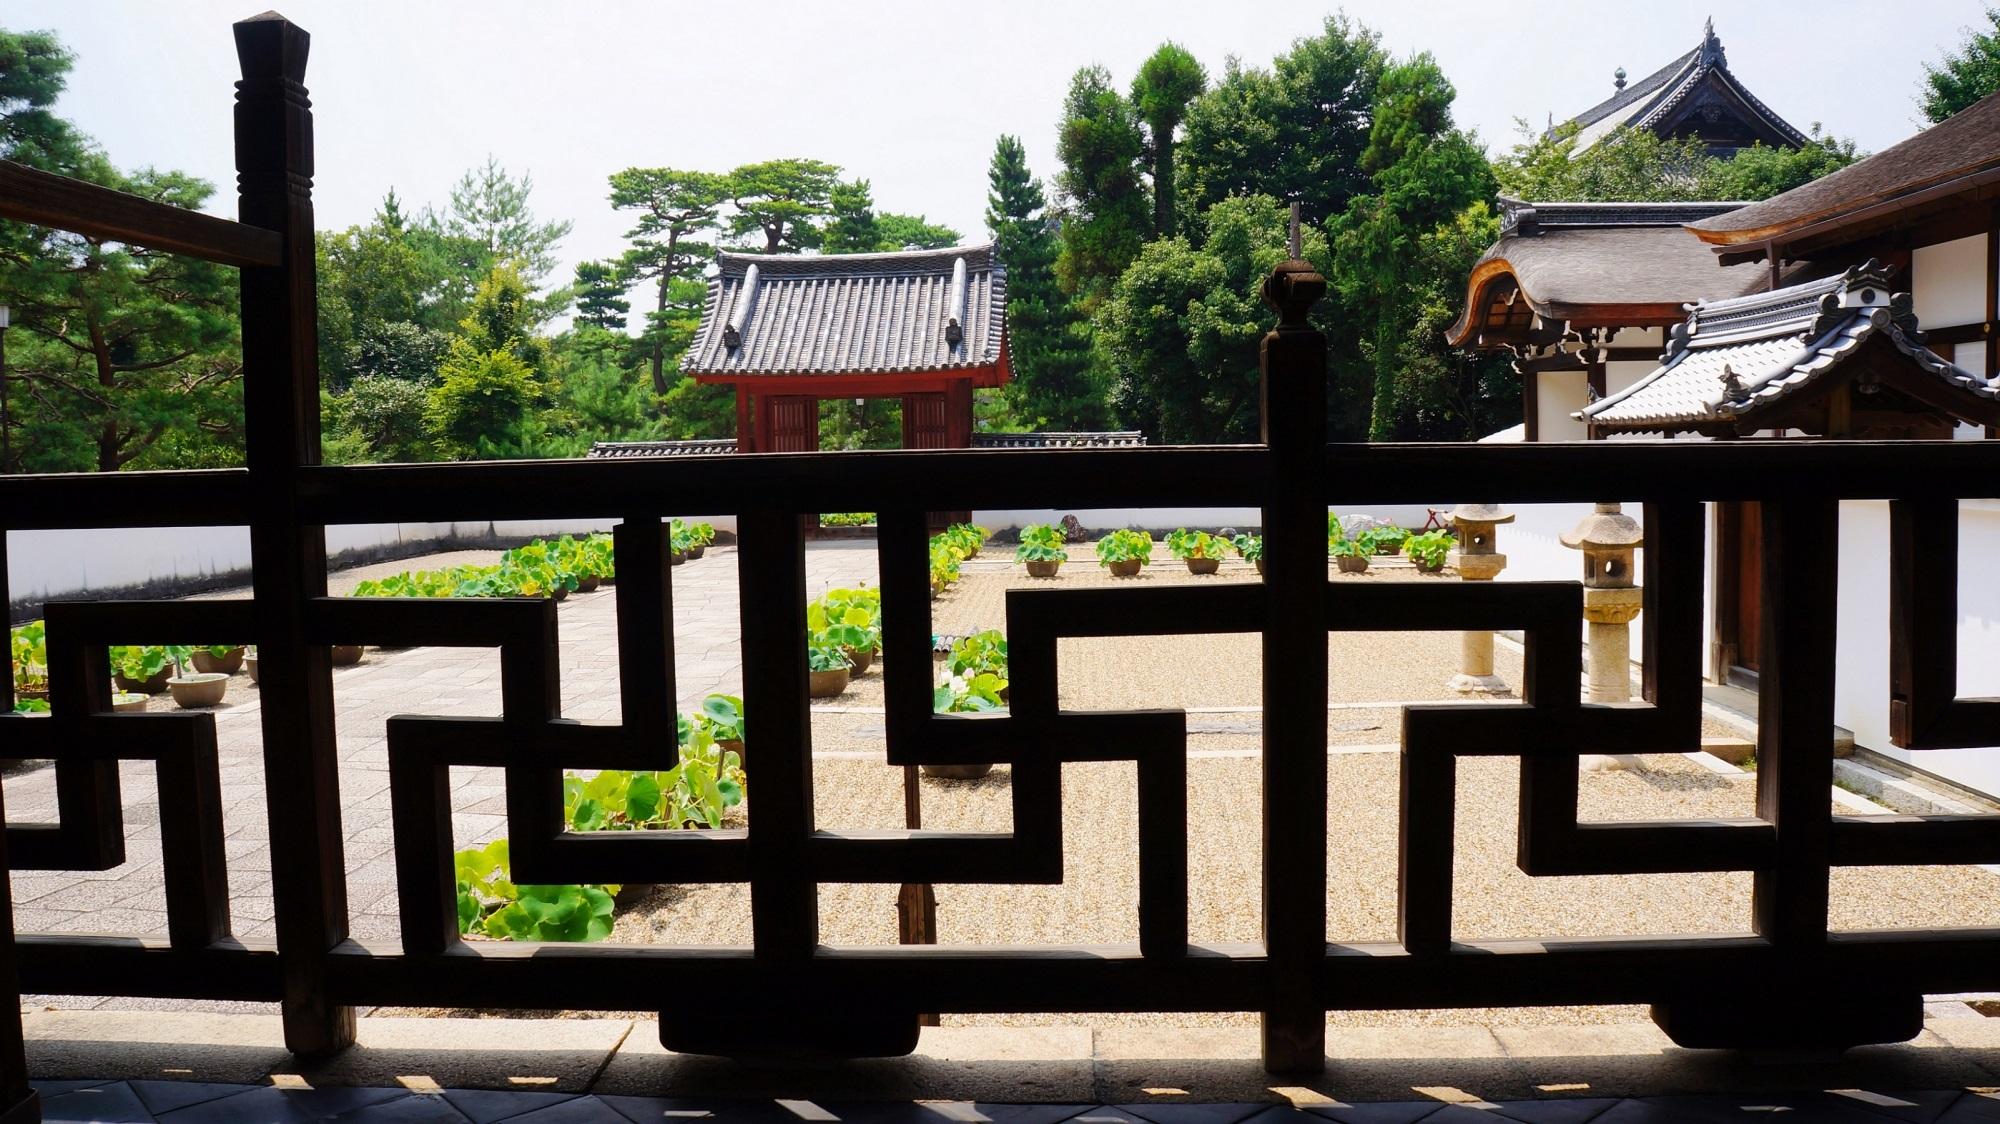 京都 萬福寺 宇治黄檗山の中国風のお寺